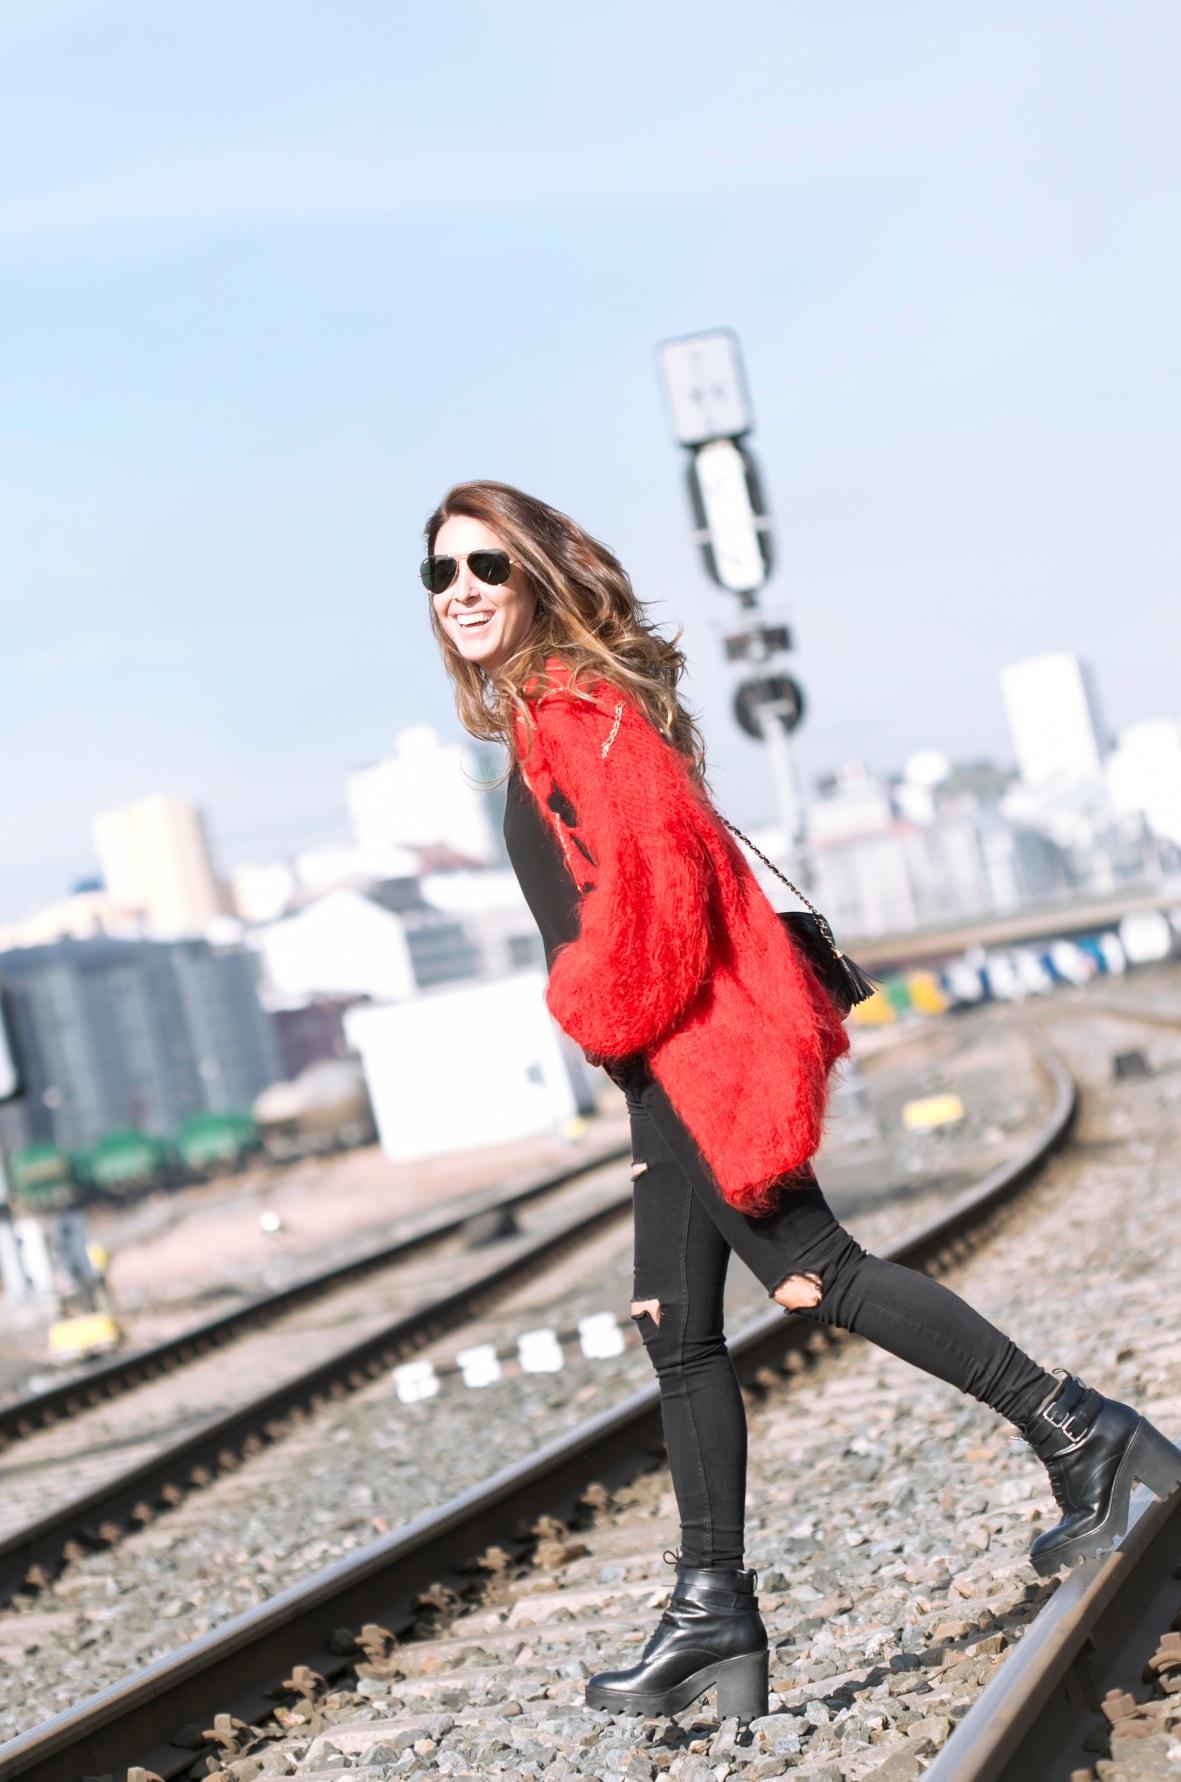 smile-mommyblogger-rayban-descalzaporelparque-style-coruña-vintage-rojo